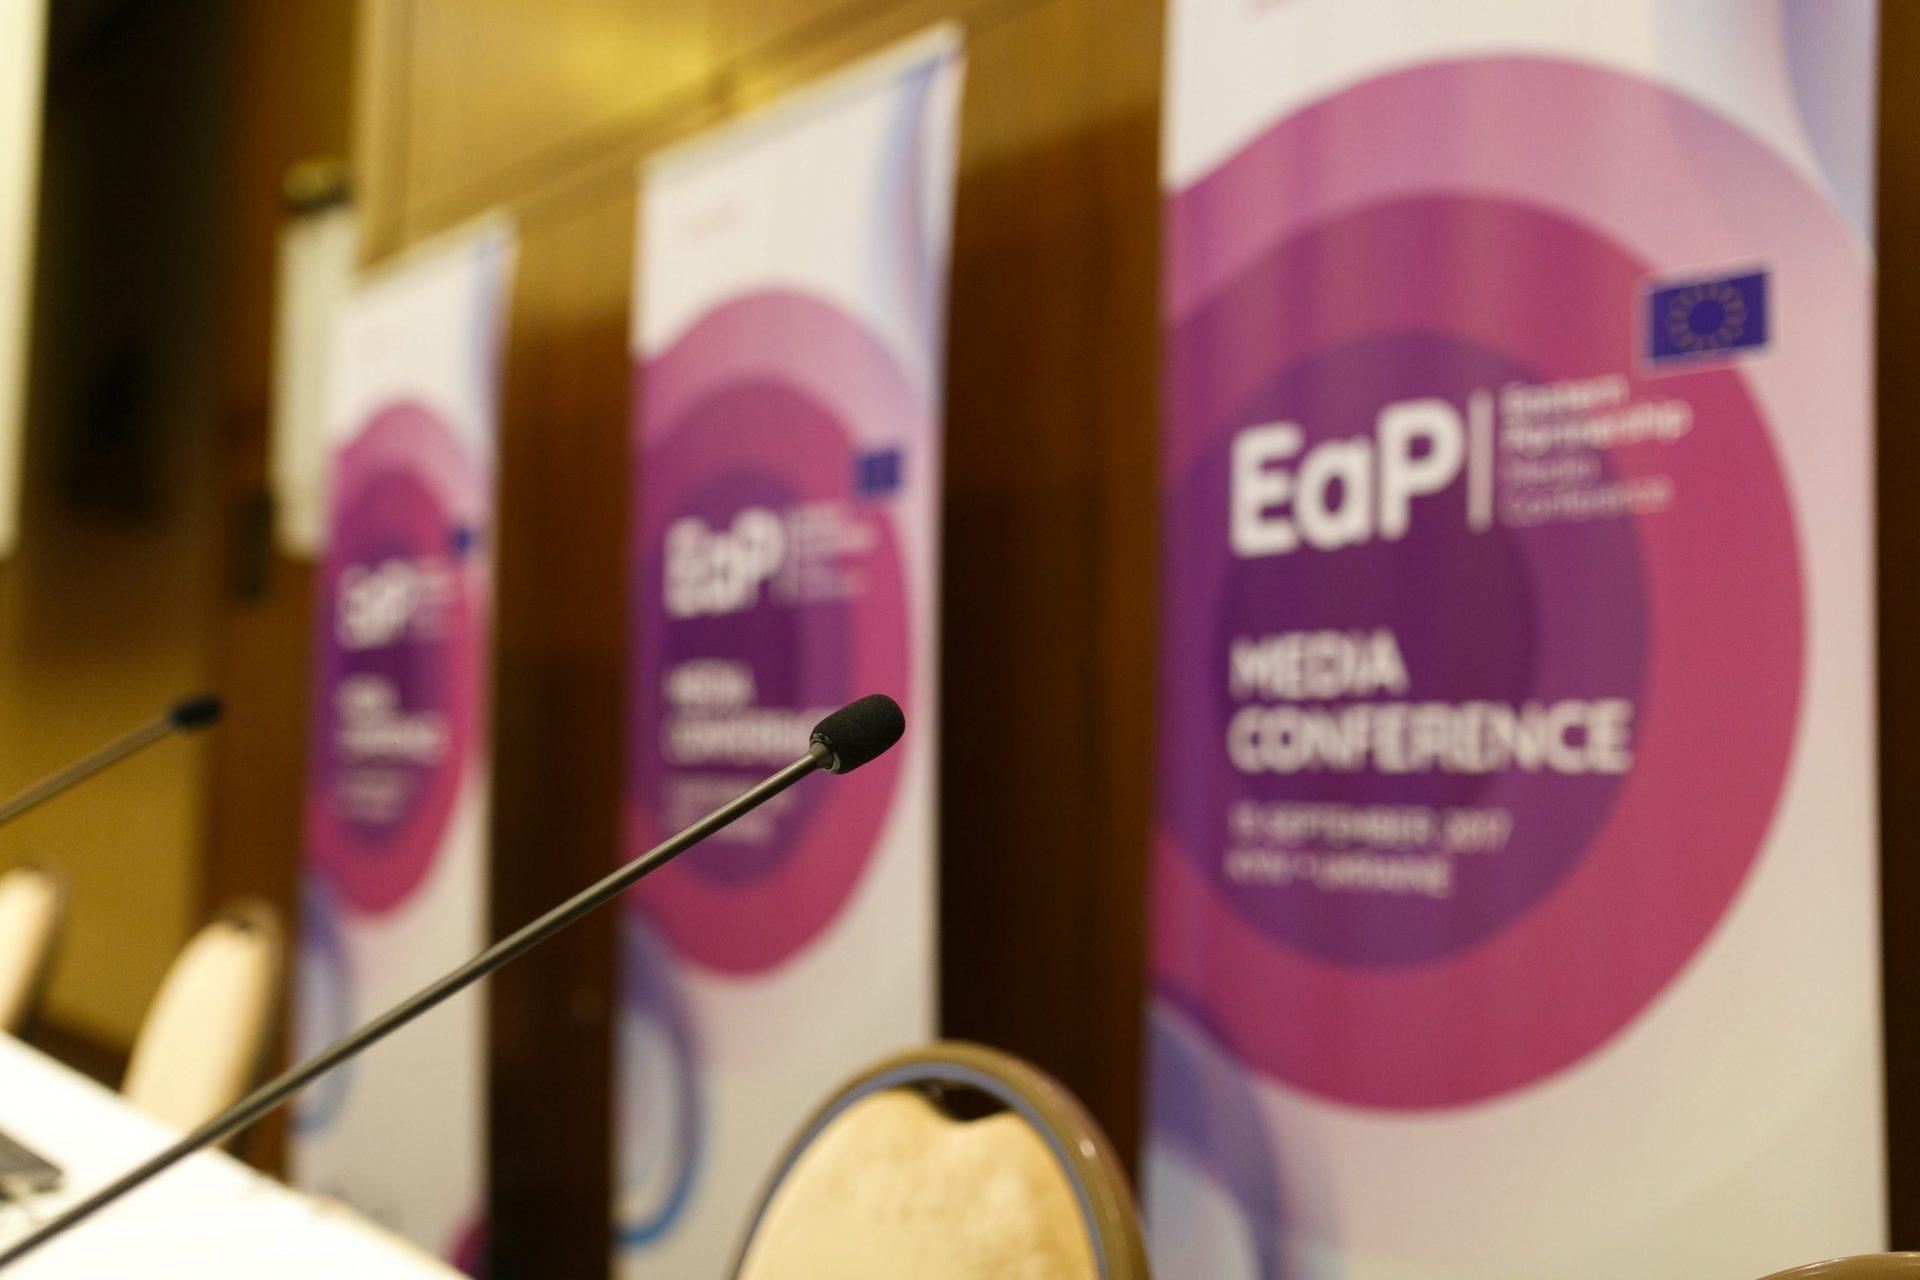 Conferința Media a Parteneriatului Estic se va axa pe durabilitatea economică și va modela sprijinul viitor al donatorilor